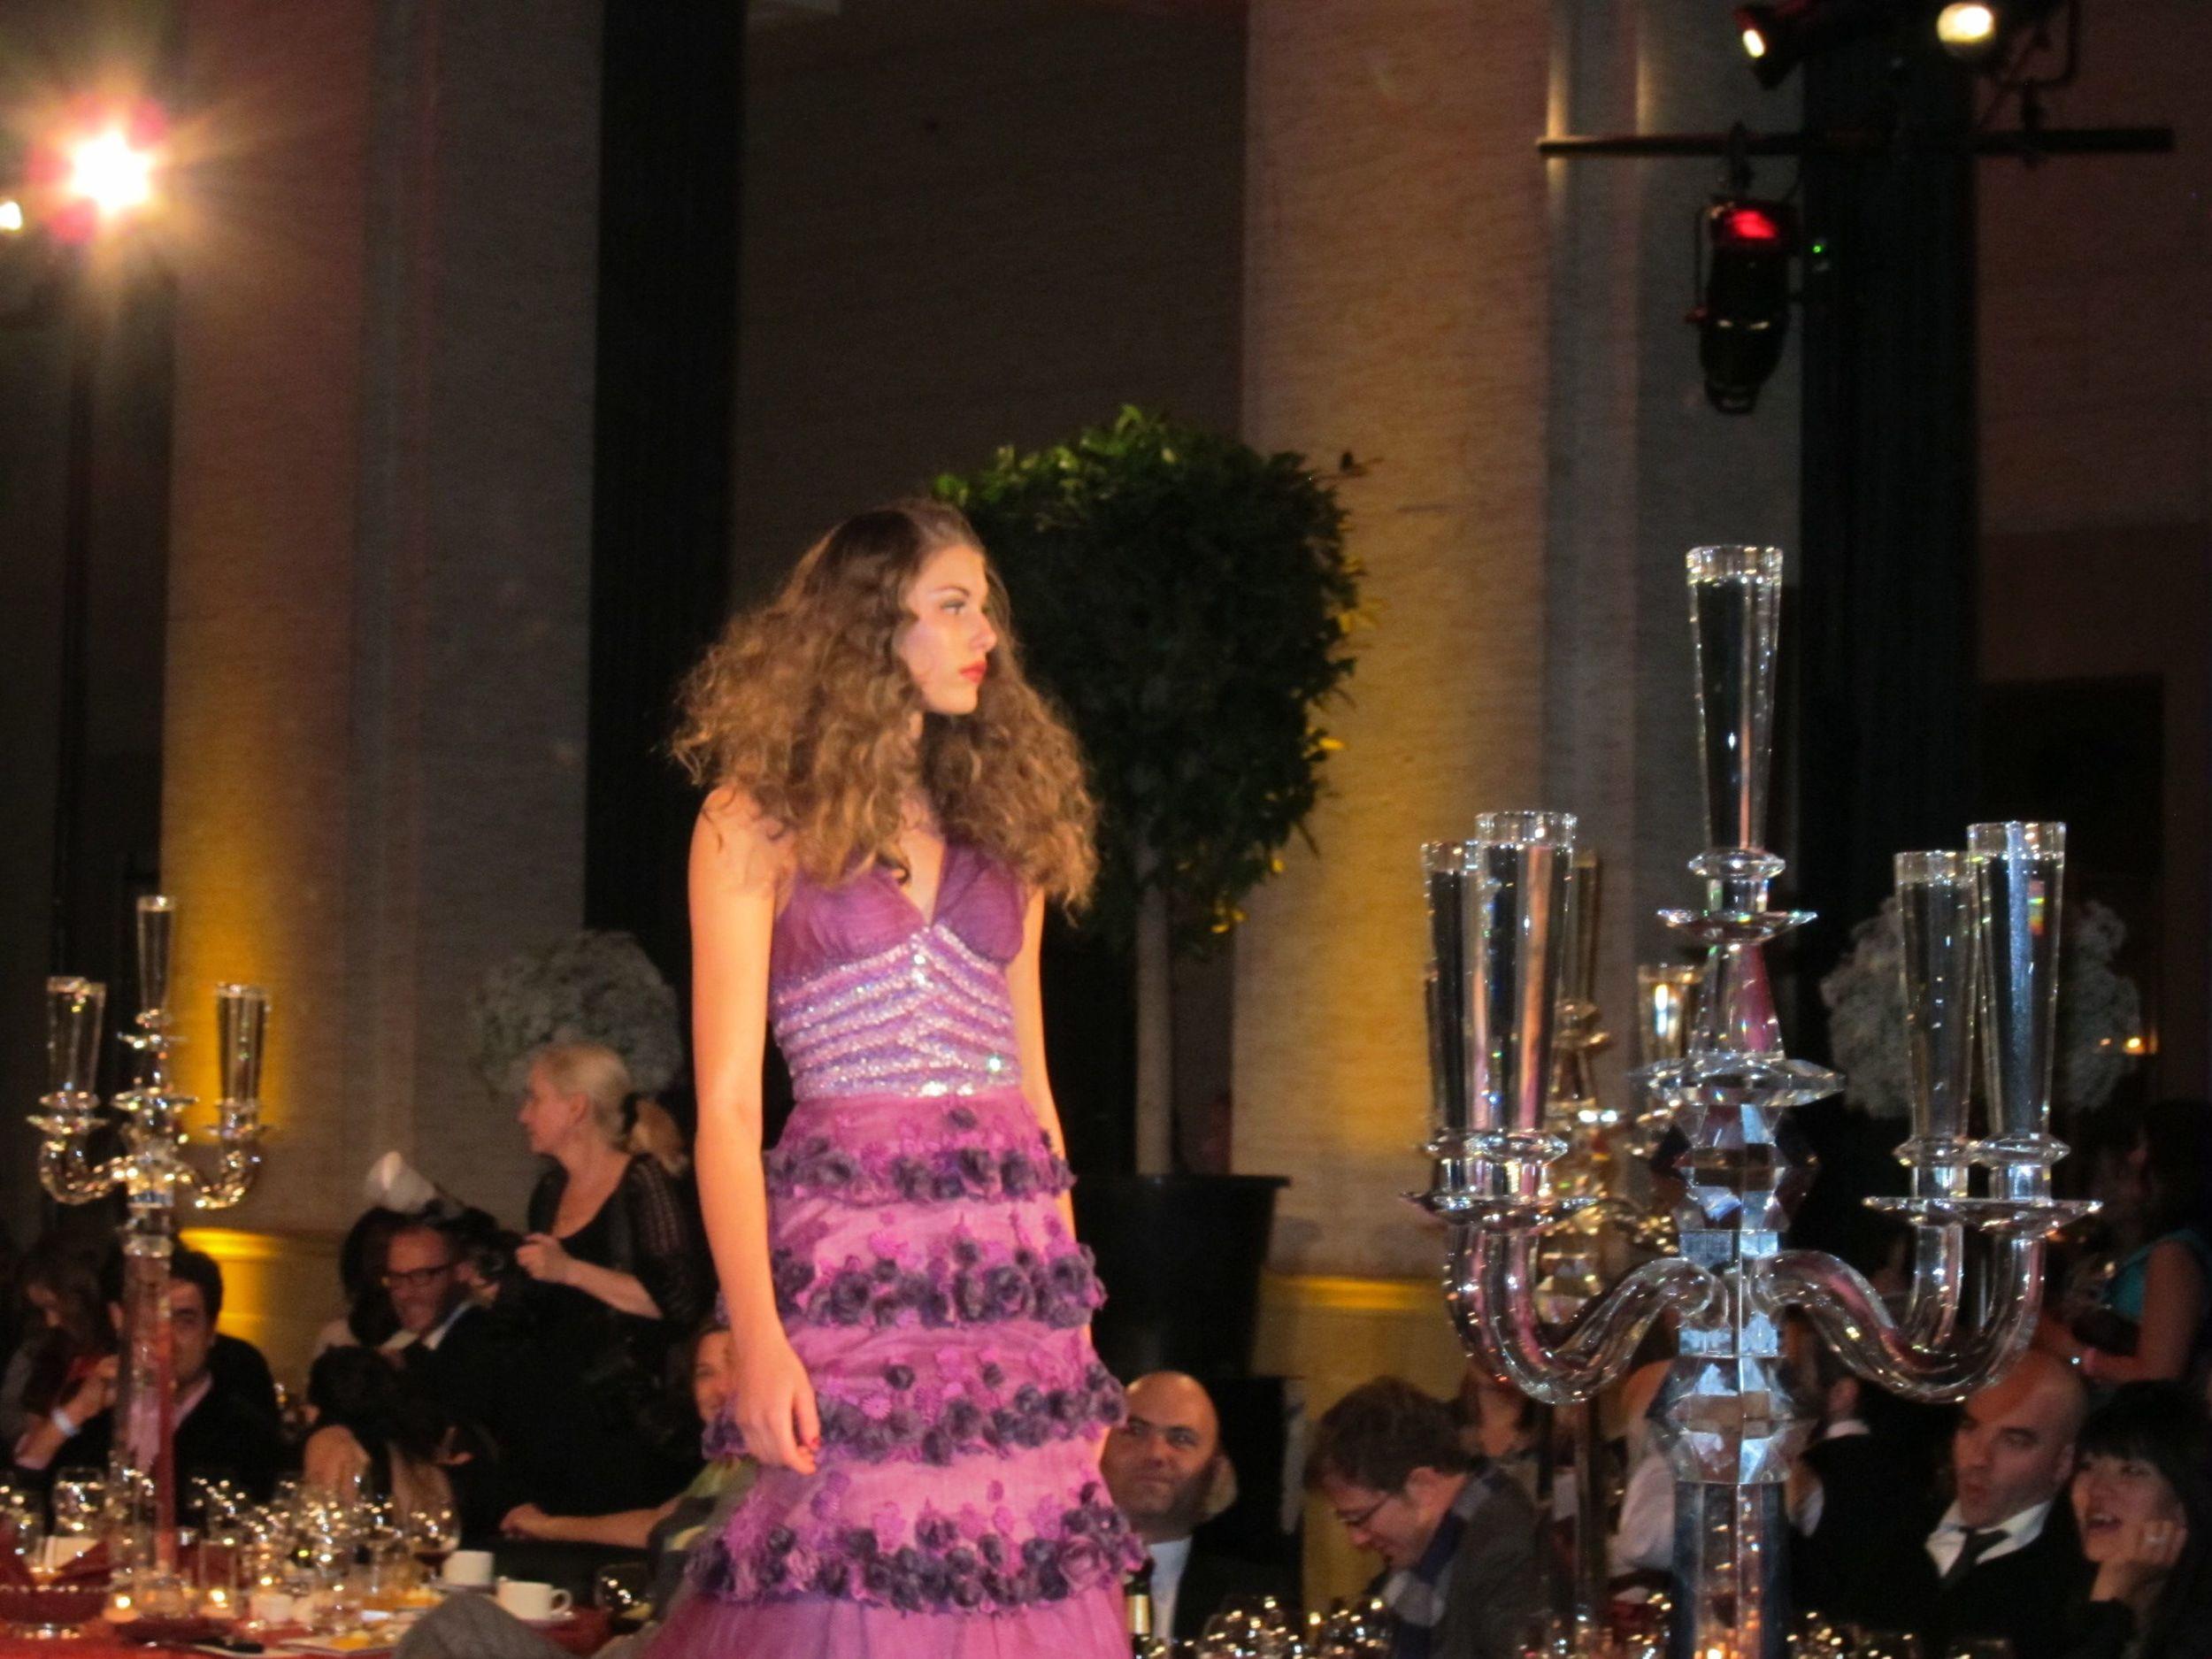 gandg_oliver_purple_dress